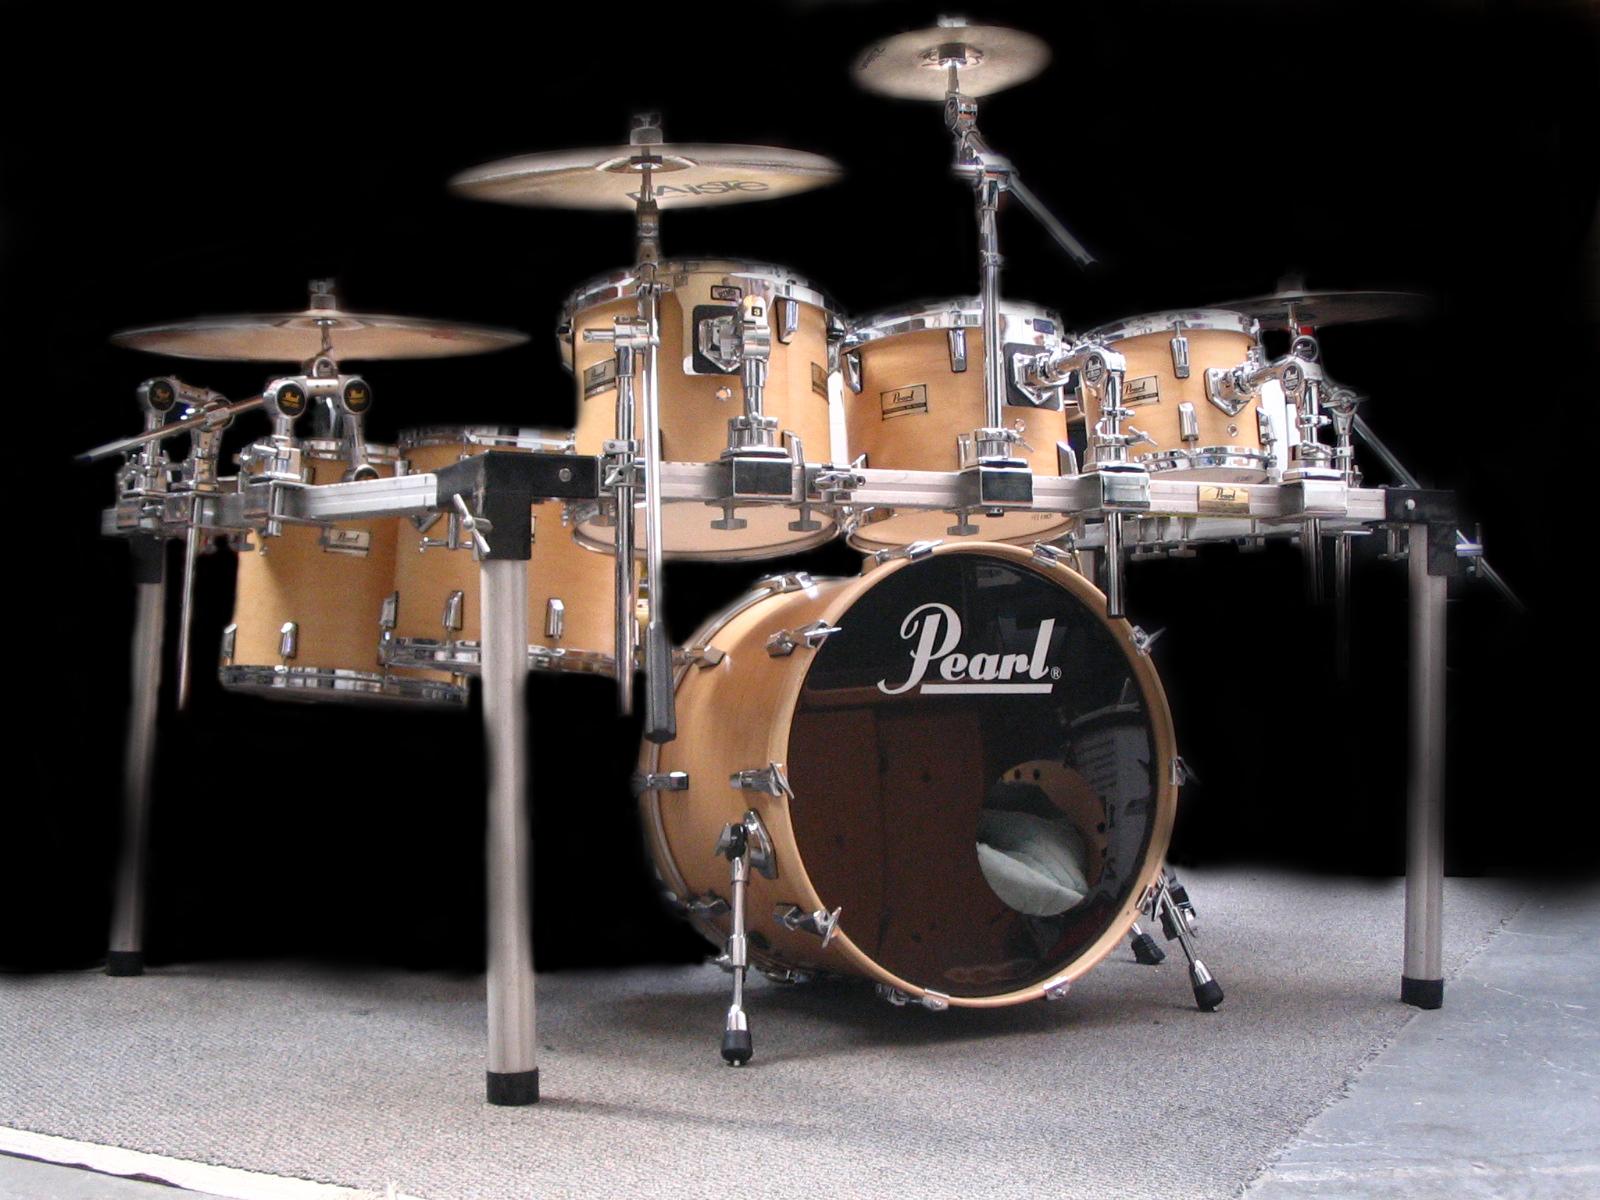 pearl drums wallpapers drum pearl drums 1920x1200 318821 drum notify 1600x1200